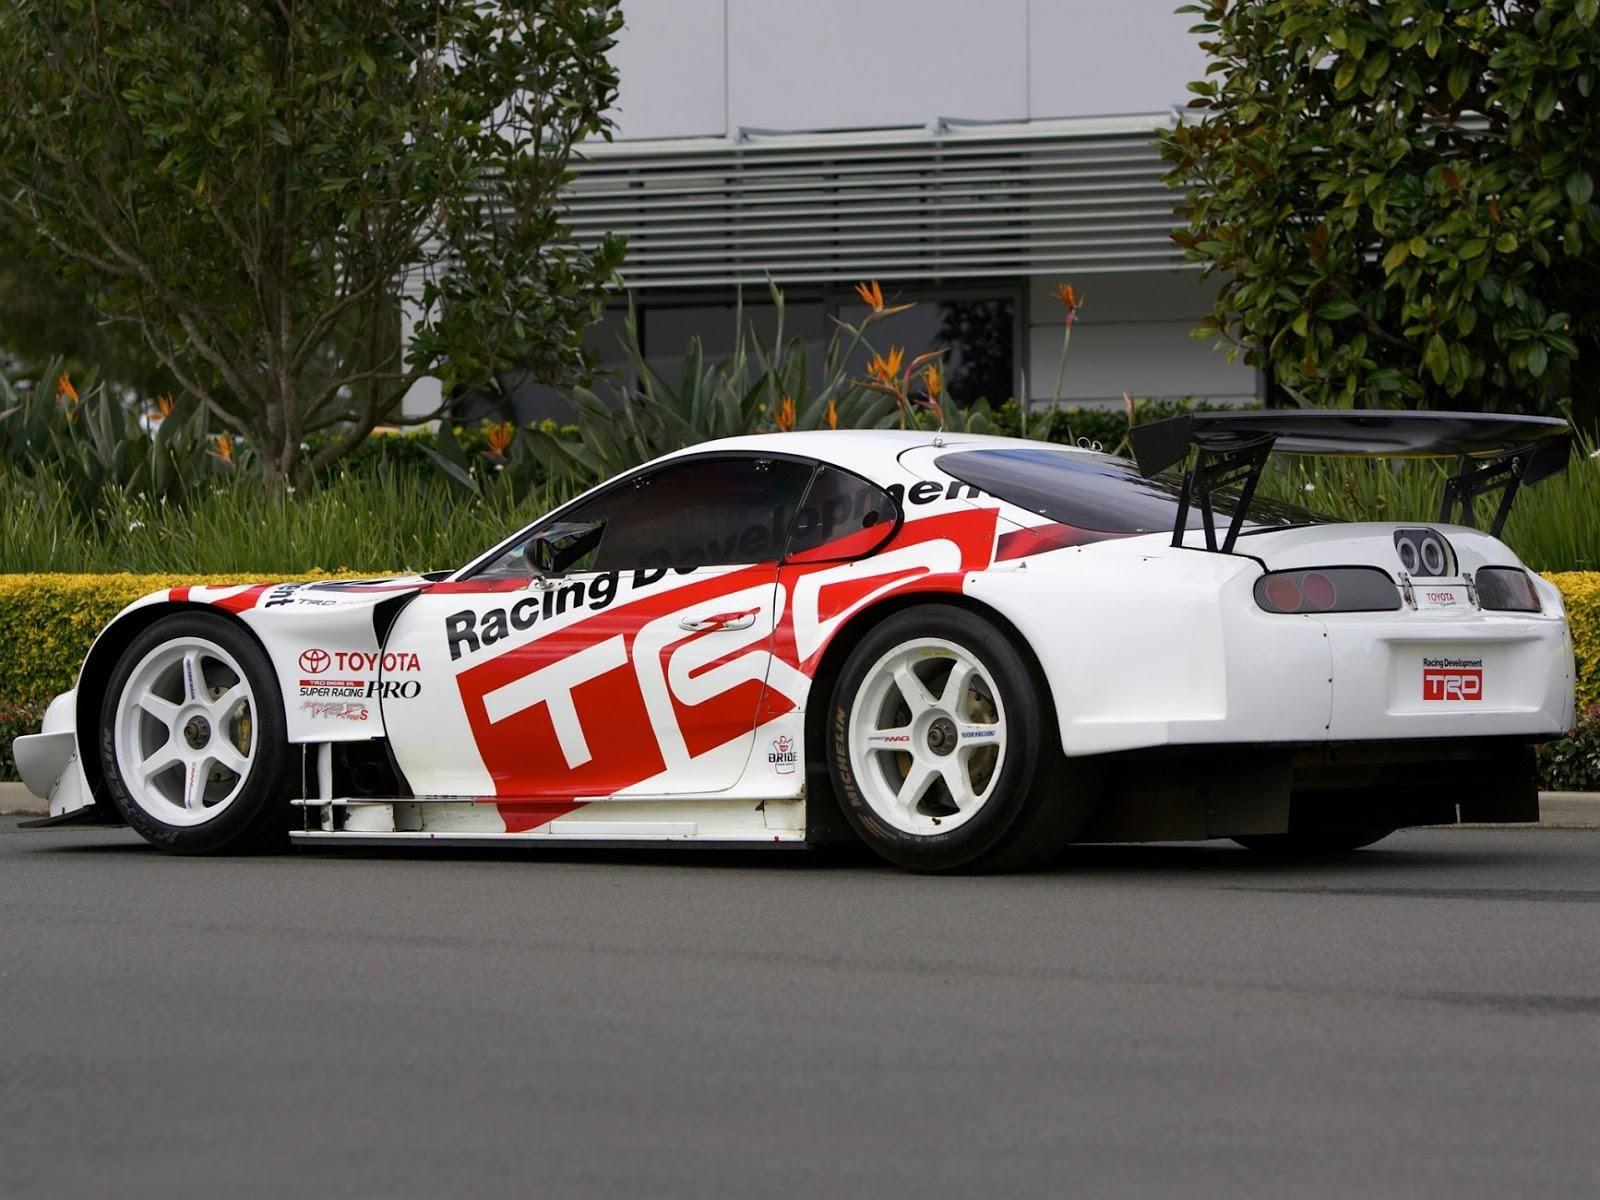 Trd Toyota Supra Gt500 Race Car Via 7tune 7tune Auto